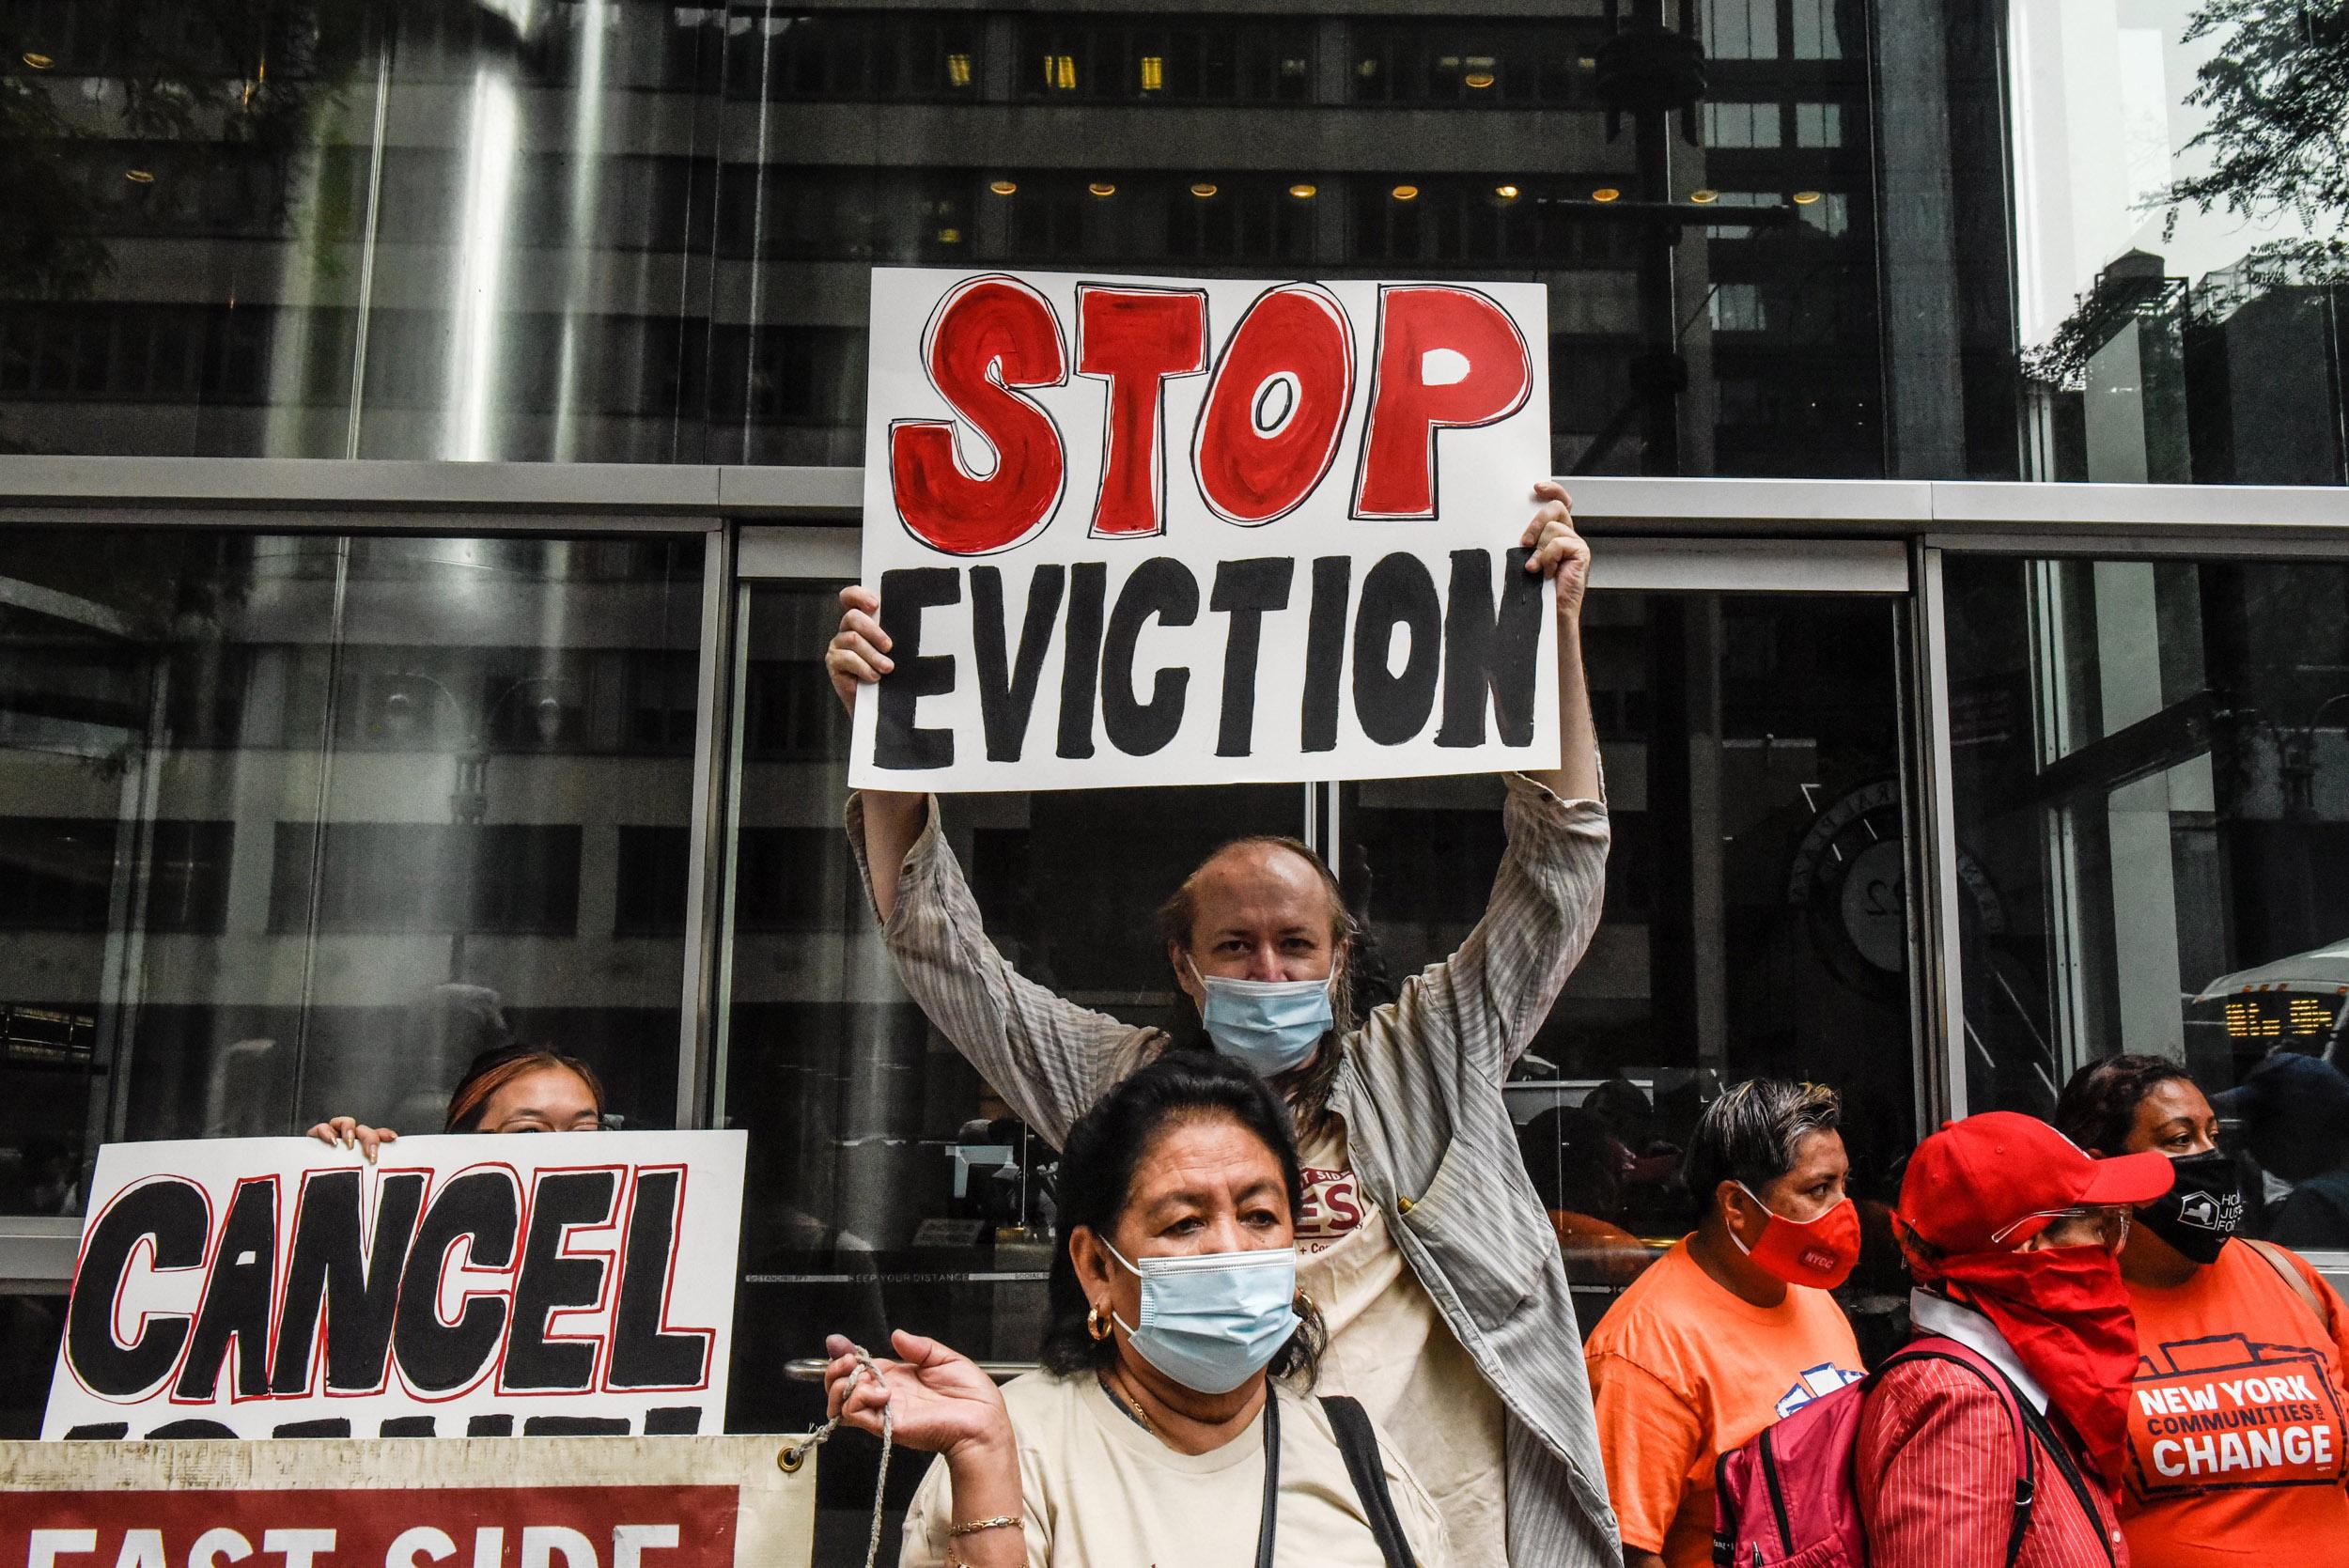 Appeals court won't block Biden administration's eviction moratorium